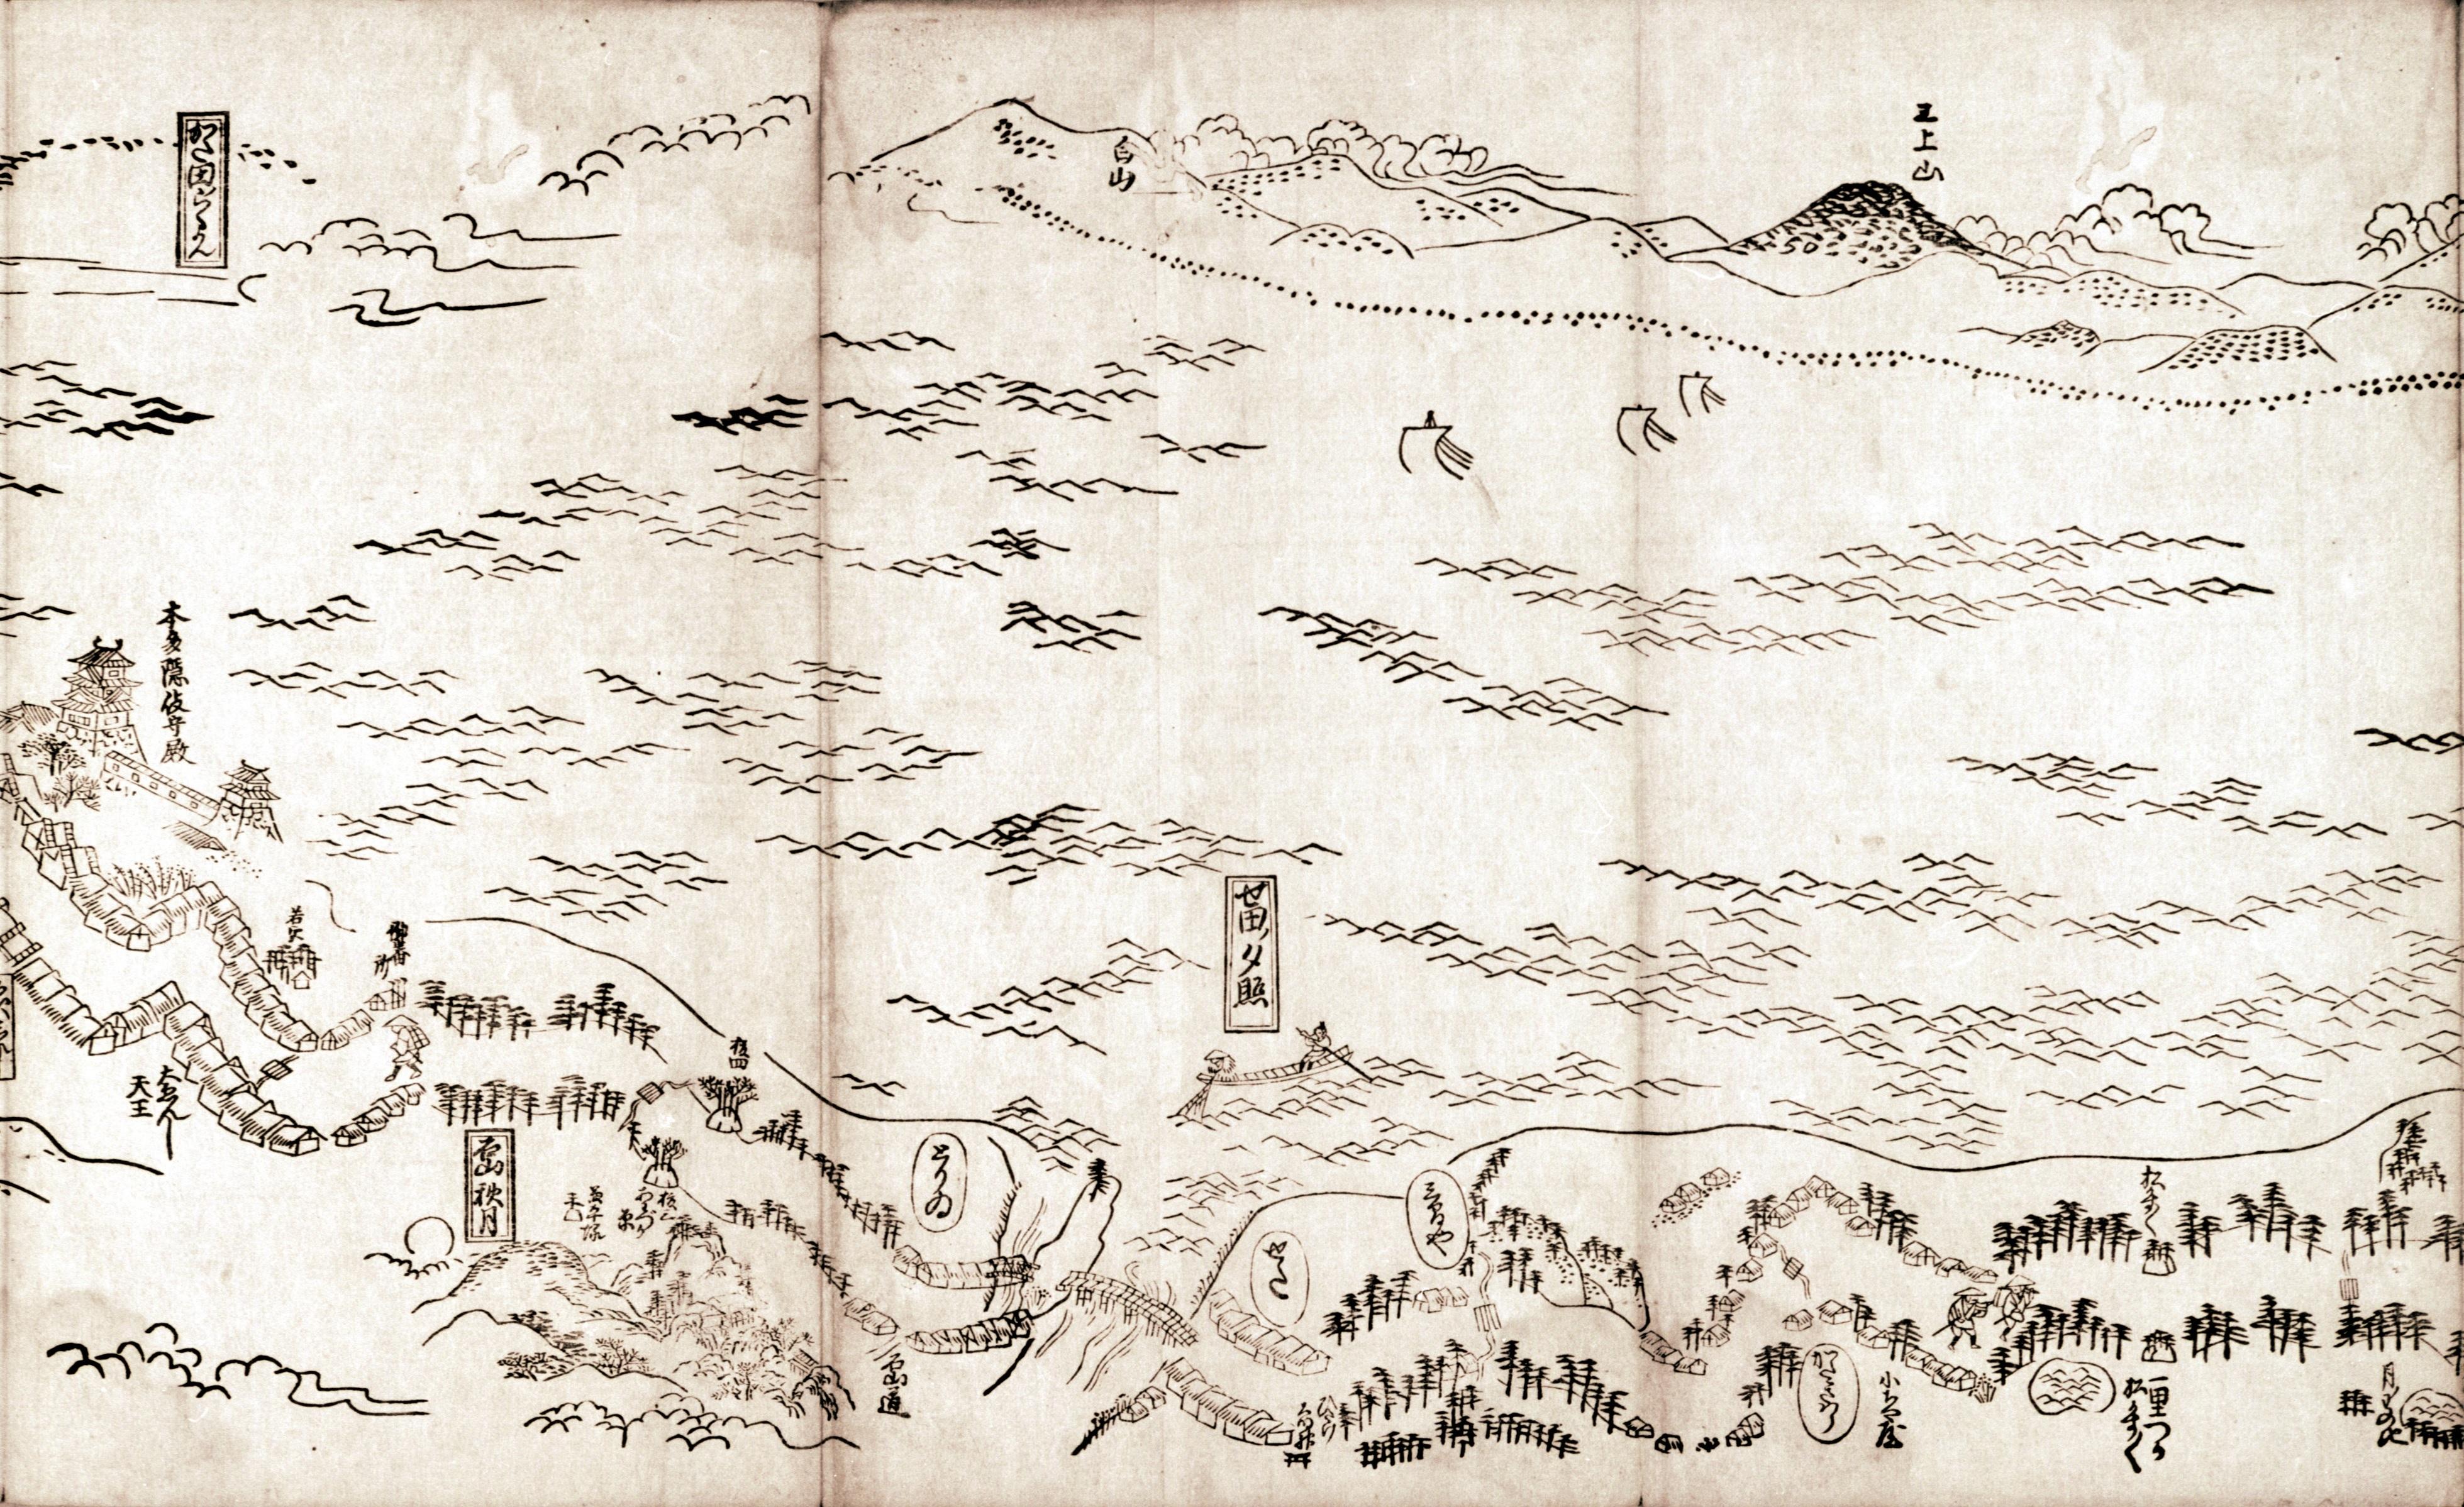 東海道分間之図 七十八